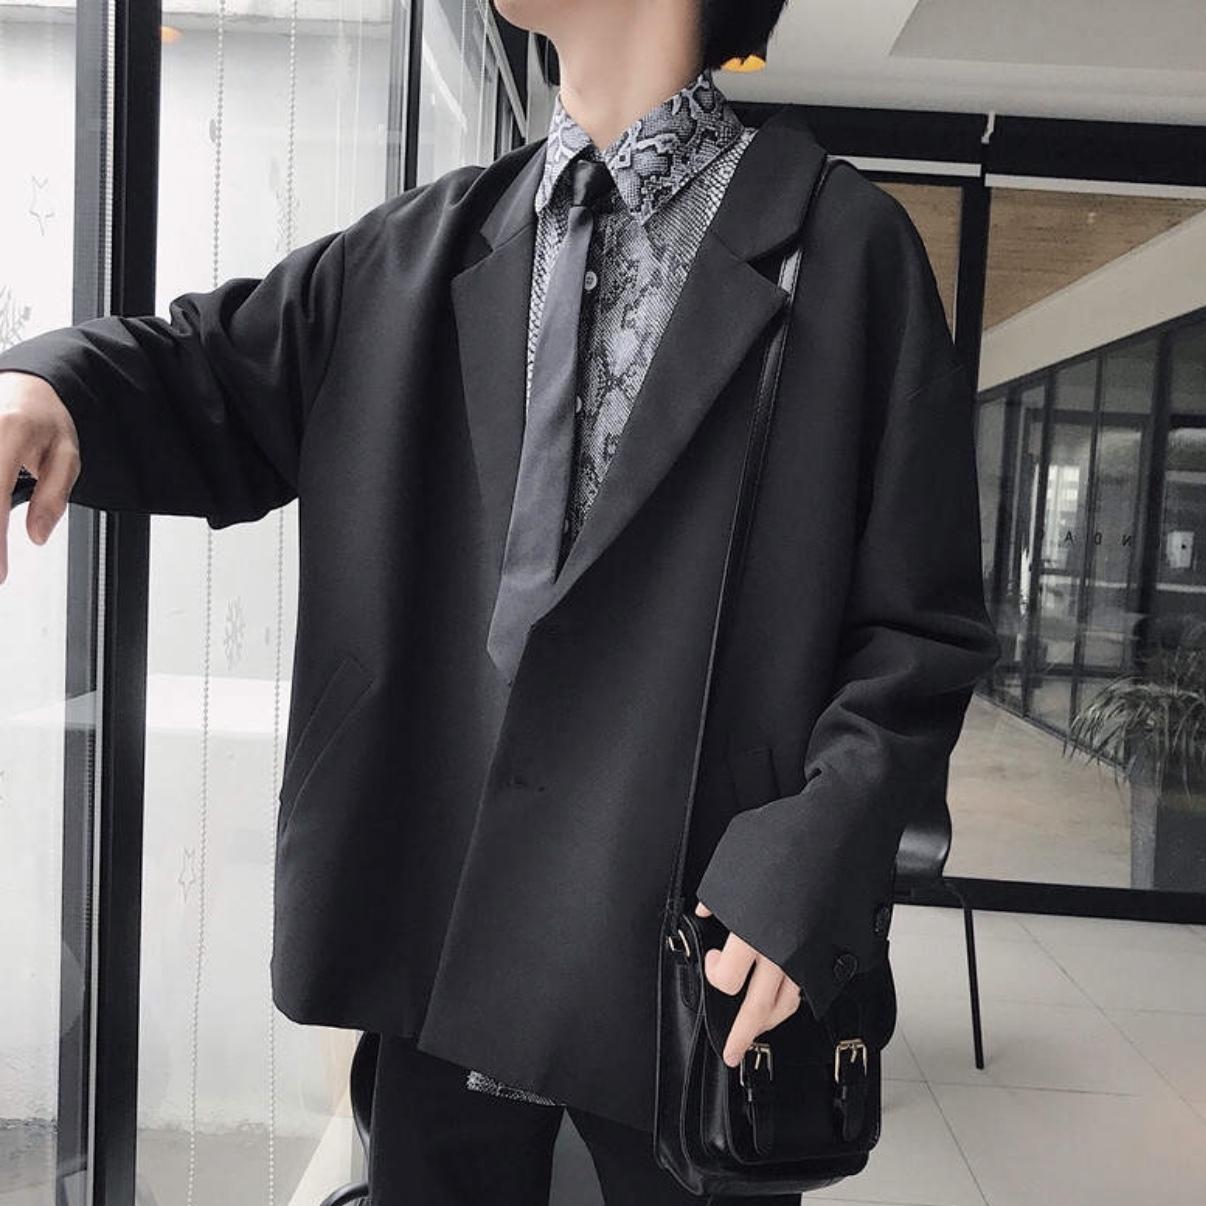 秋物 カジュアルレトロスーツ風ジャケット 韓国風